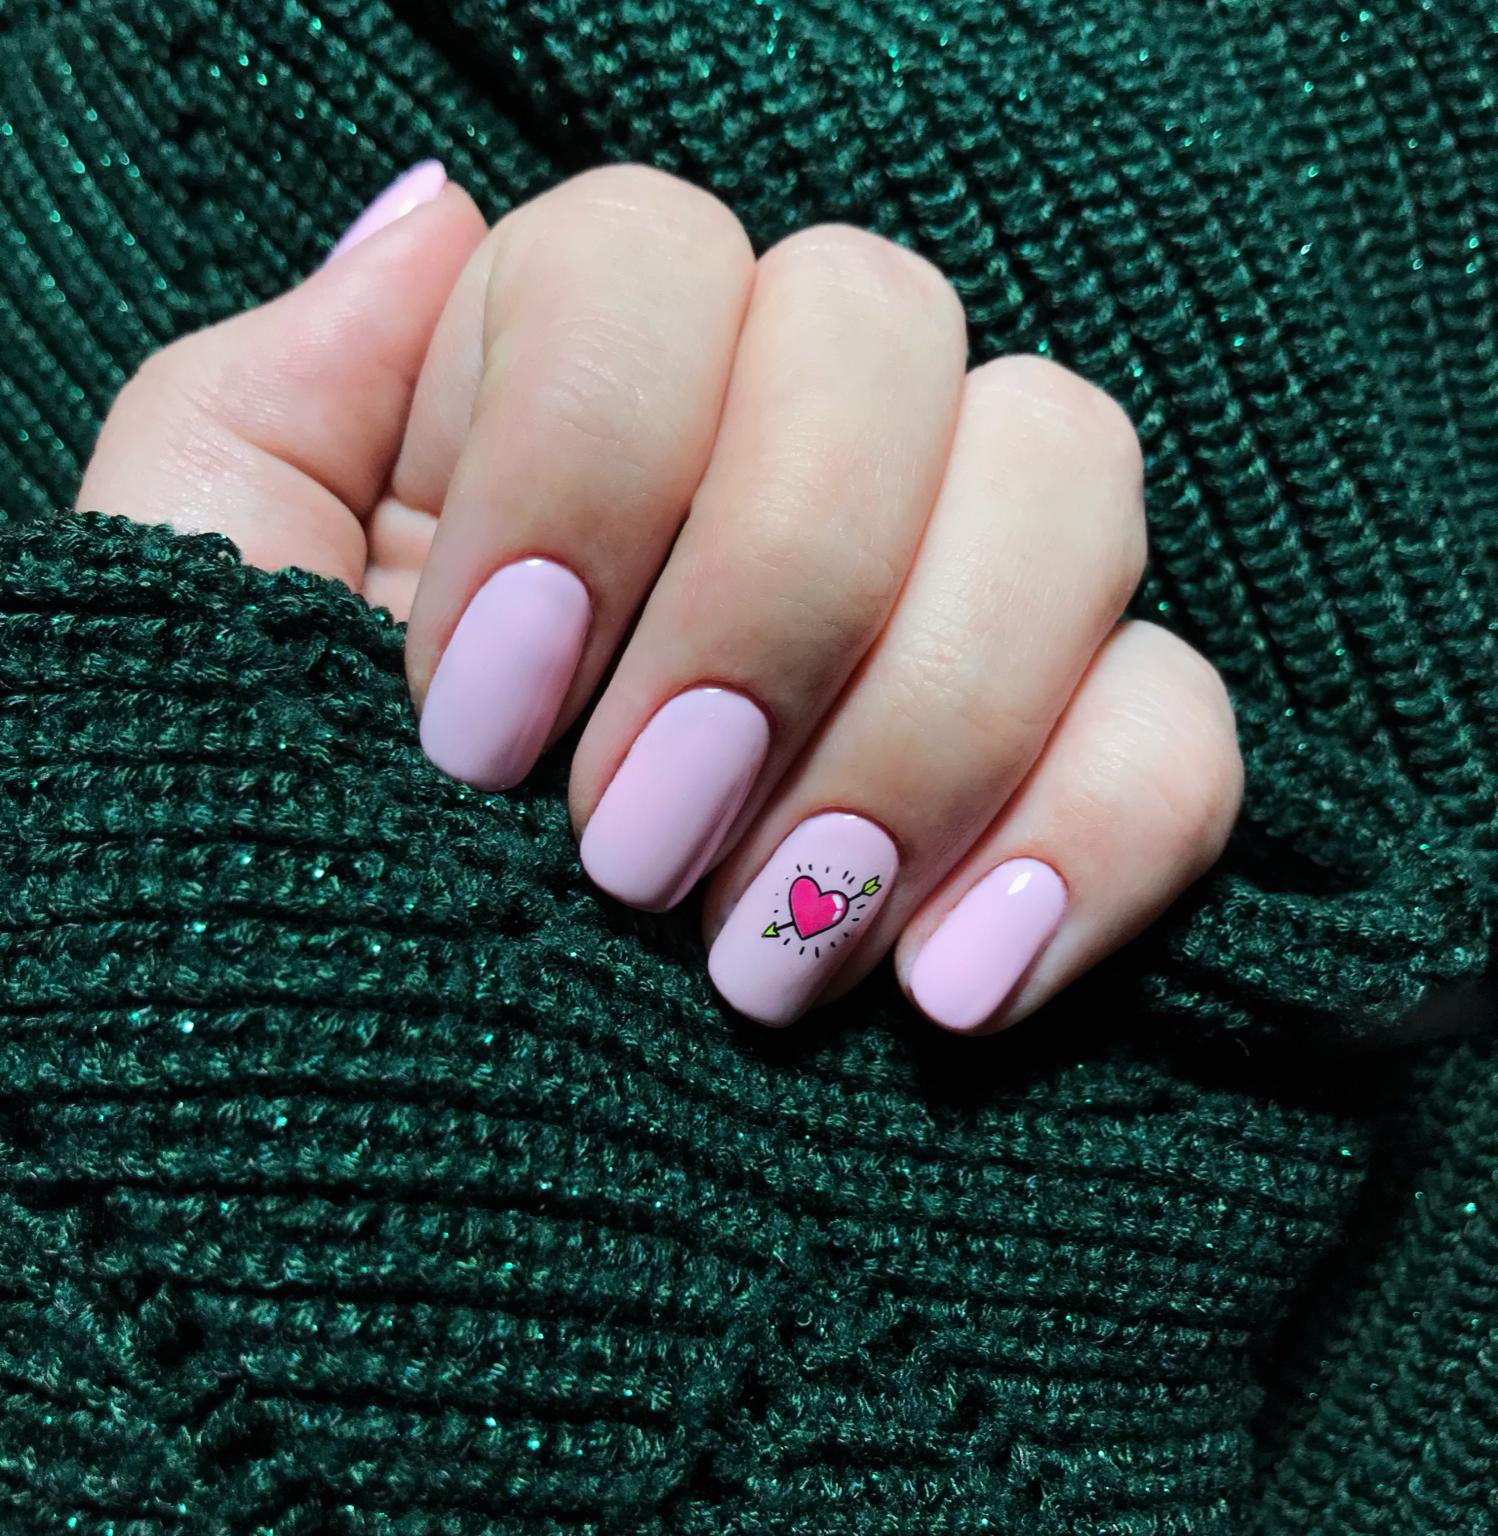 Маникюр с сердечком в розовом цвете на короткие ногти.